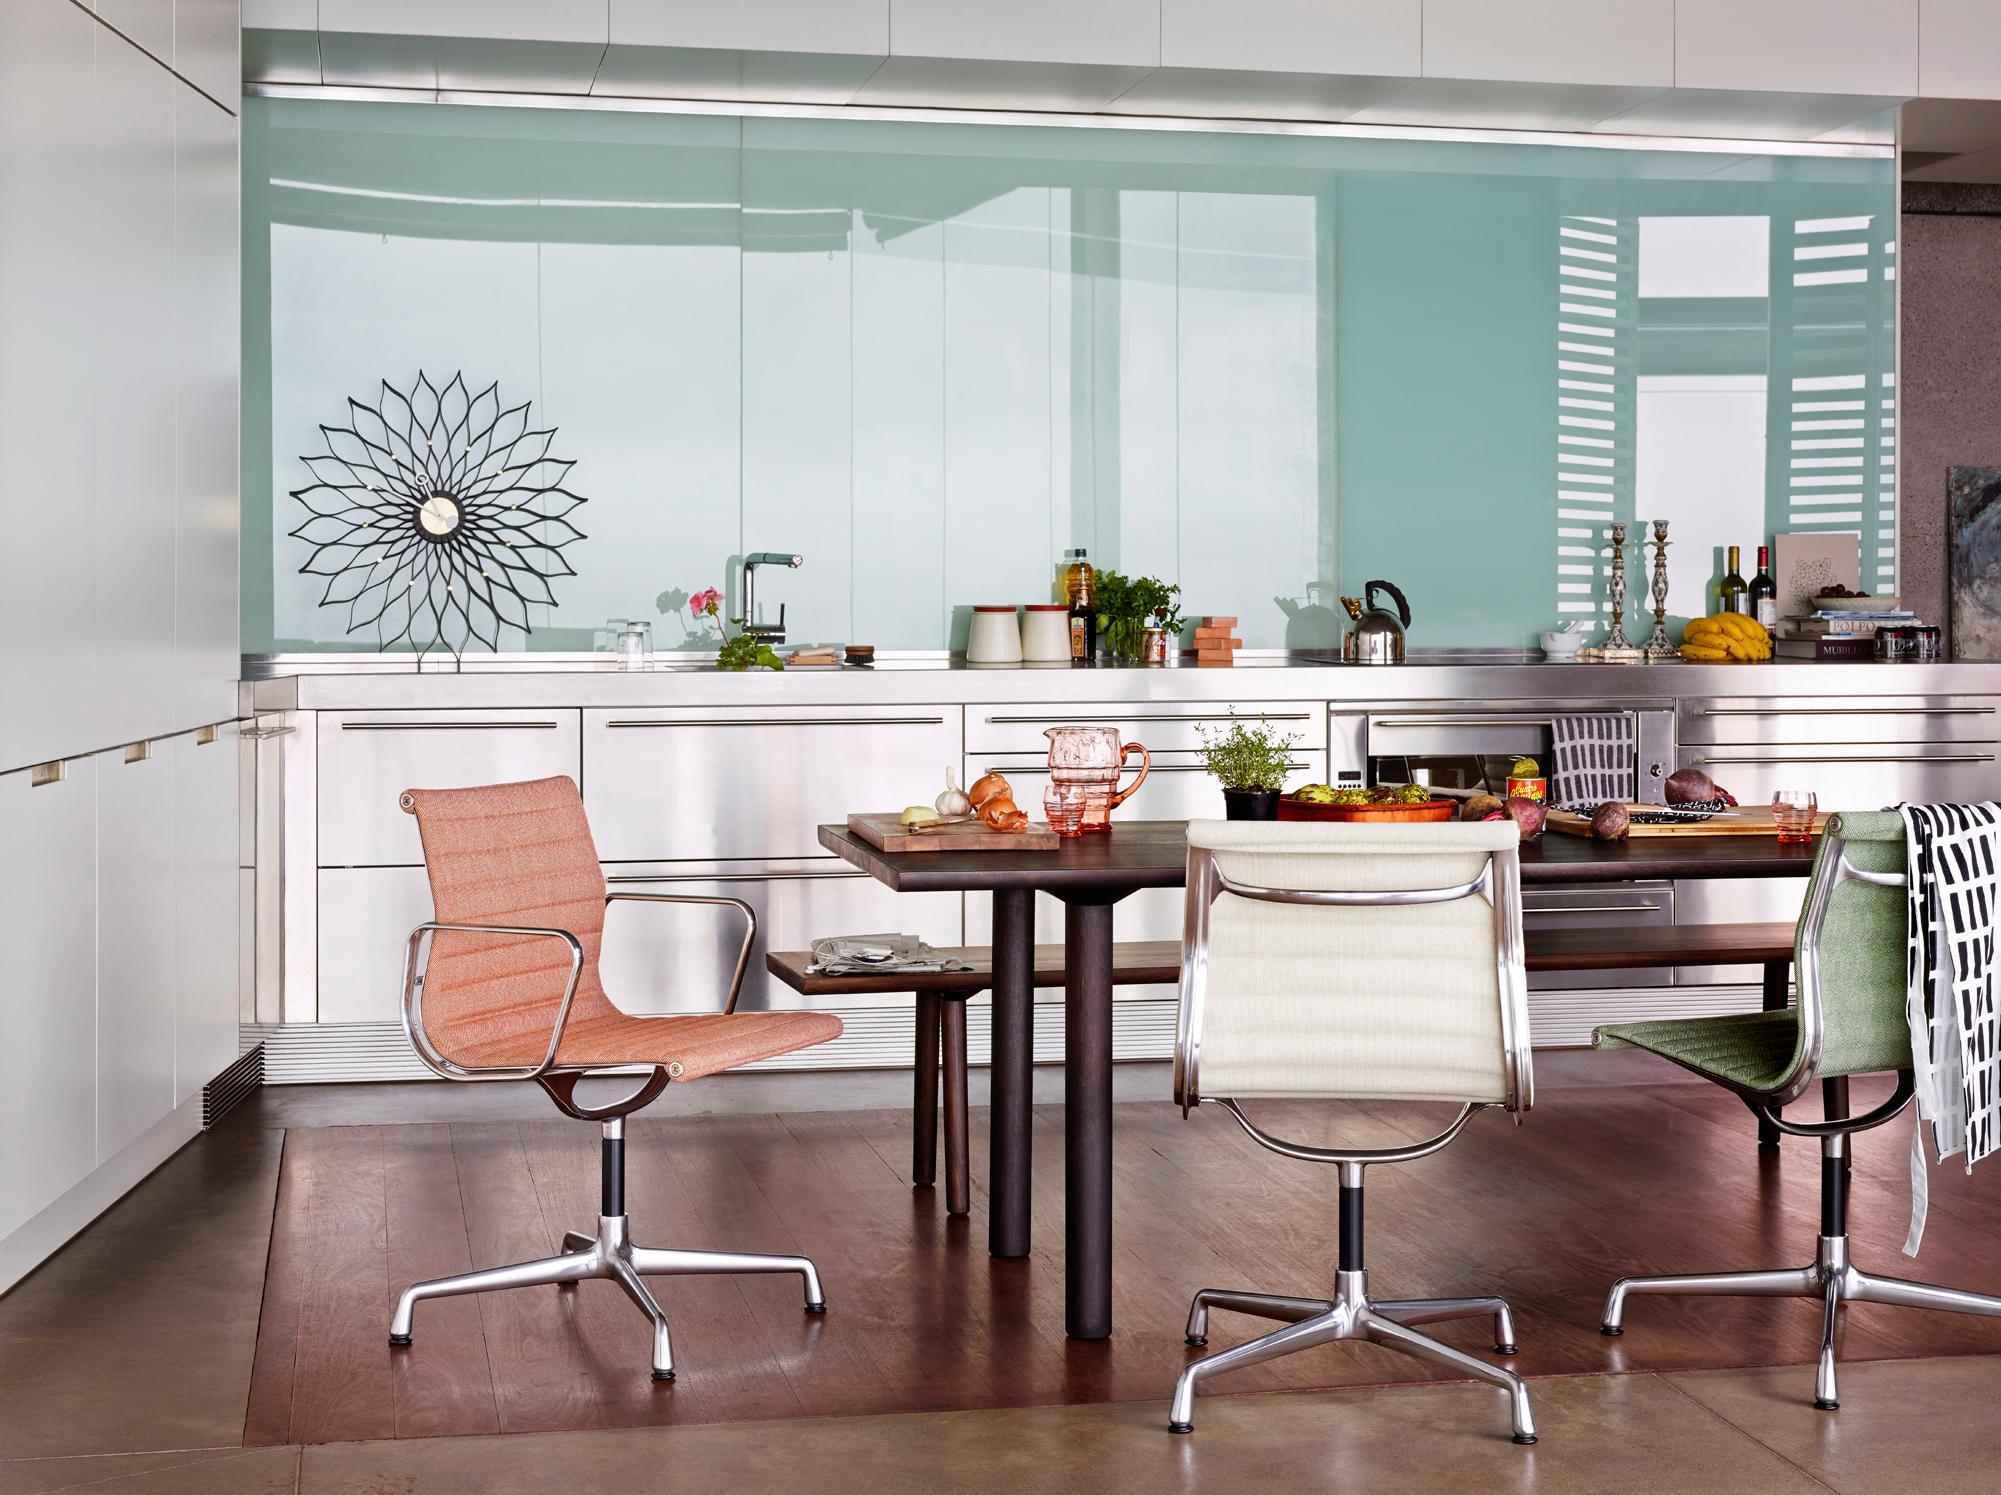 Drehstühle im Esszimmer #küche #esstisch #geschirr #...